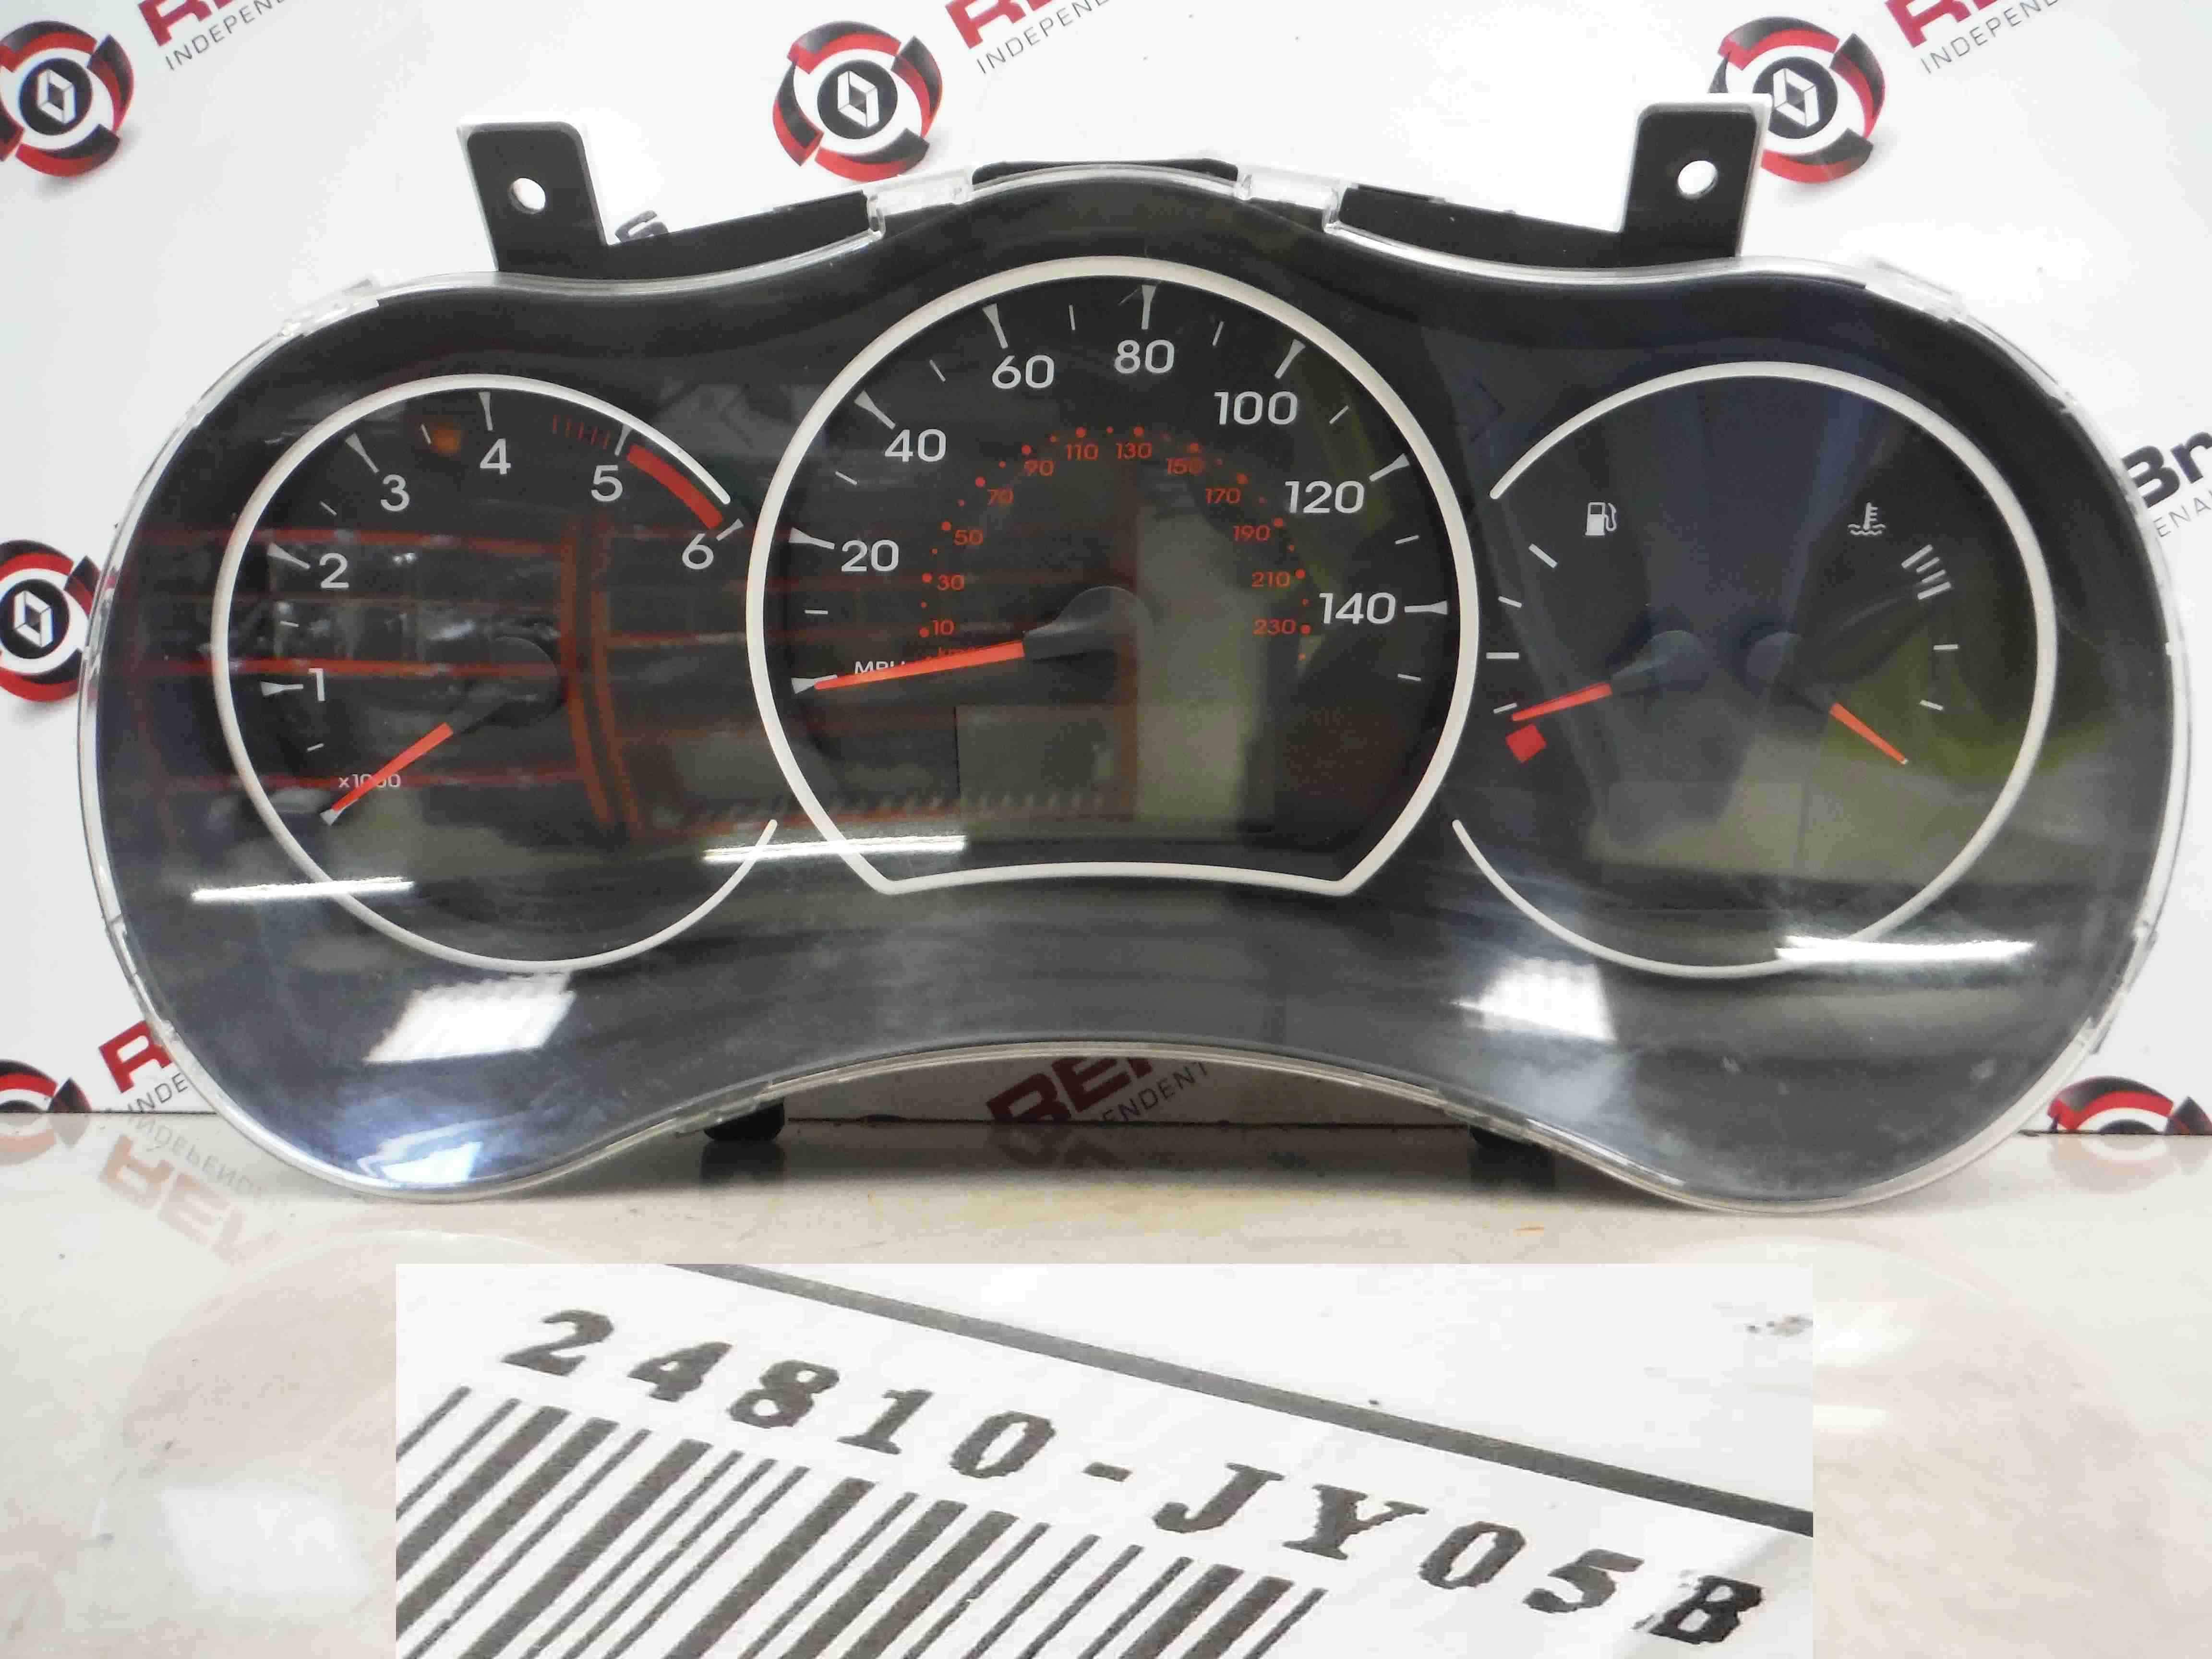 Renault Koleos 2008-2015 Instrument Panel Dials Clocks Gauges 24810JY05B